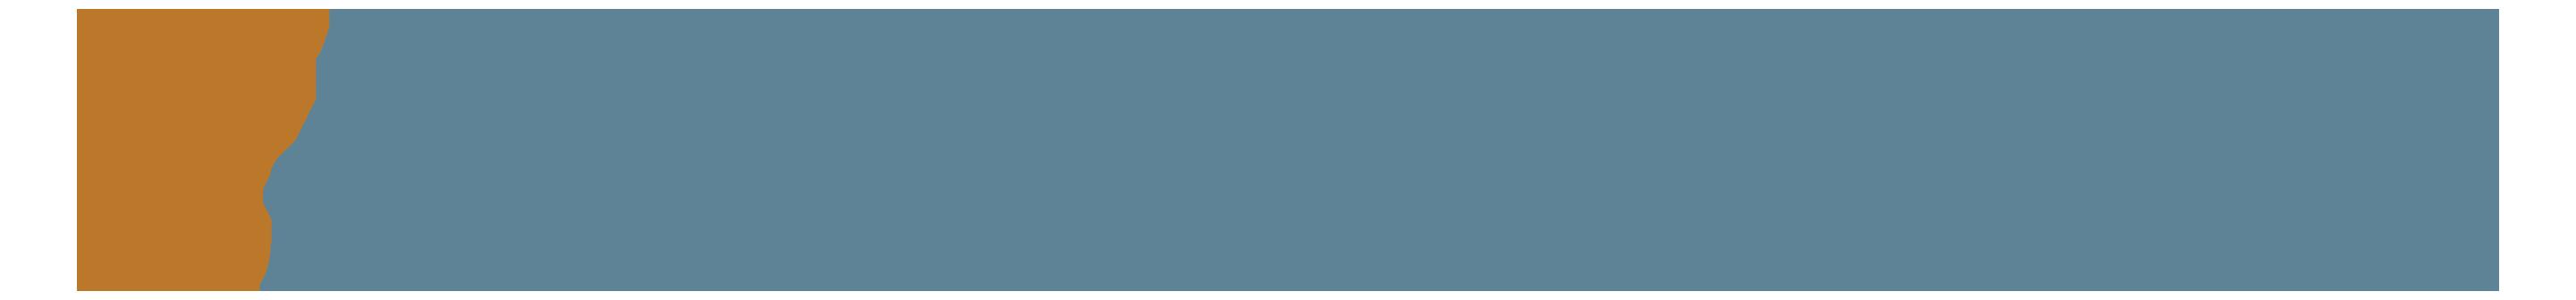 Fulmer Sill Logo With Symbol